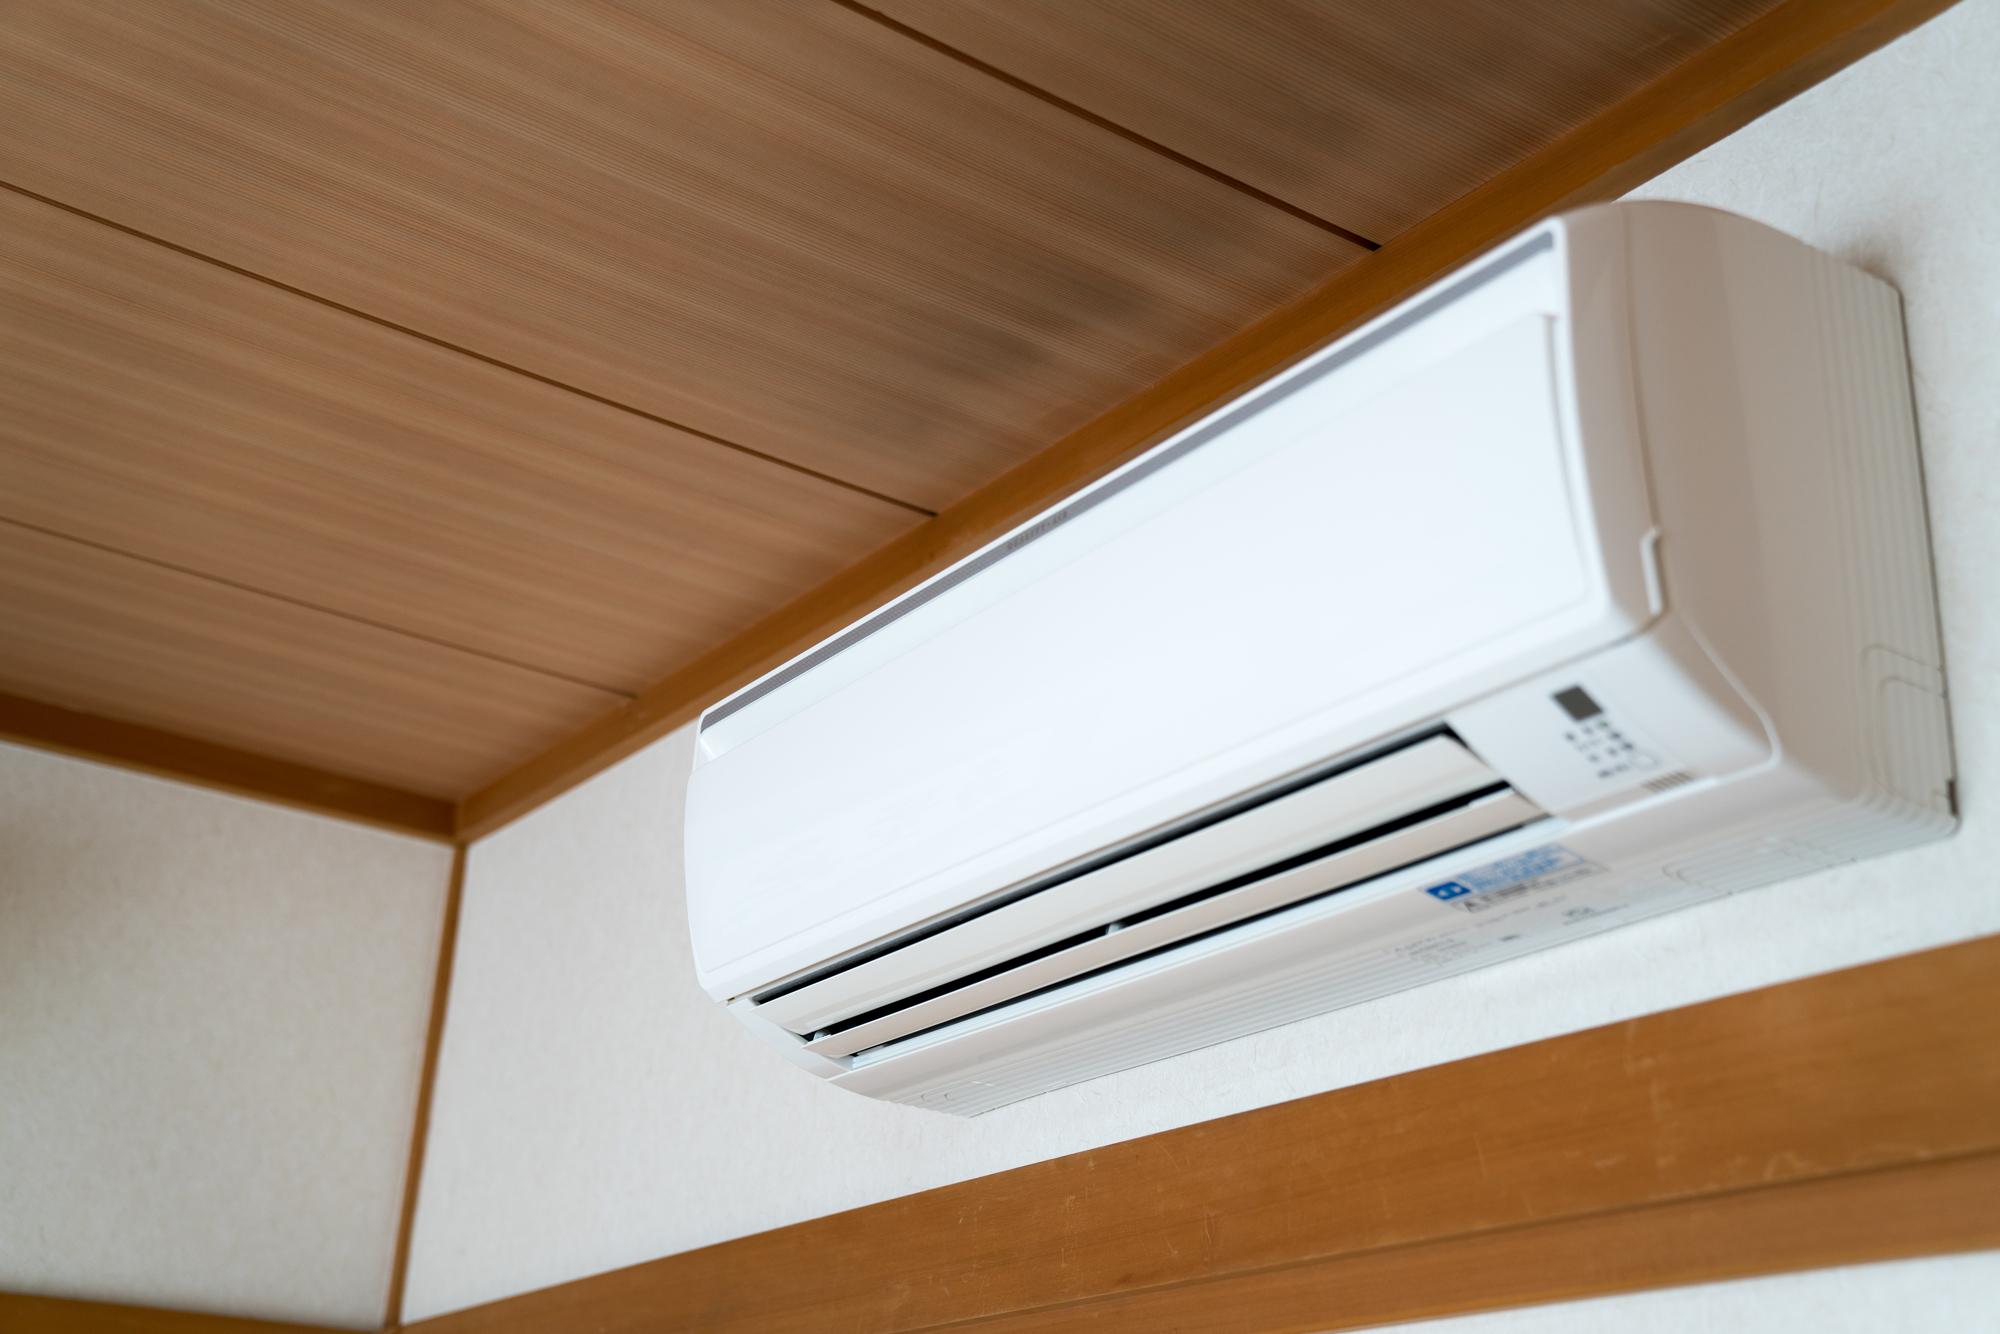 室温調整に便利なエアコン。あなたは使う派?使わない派?